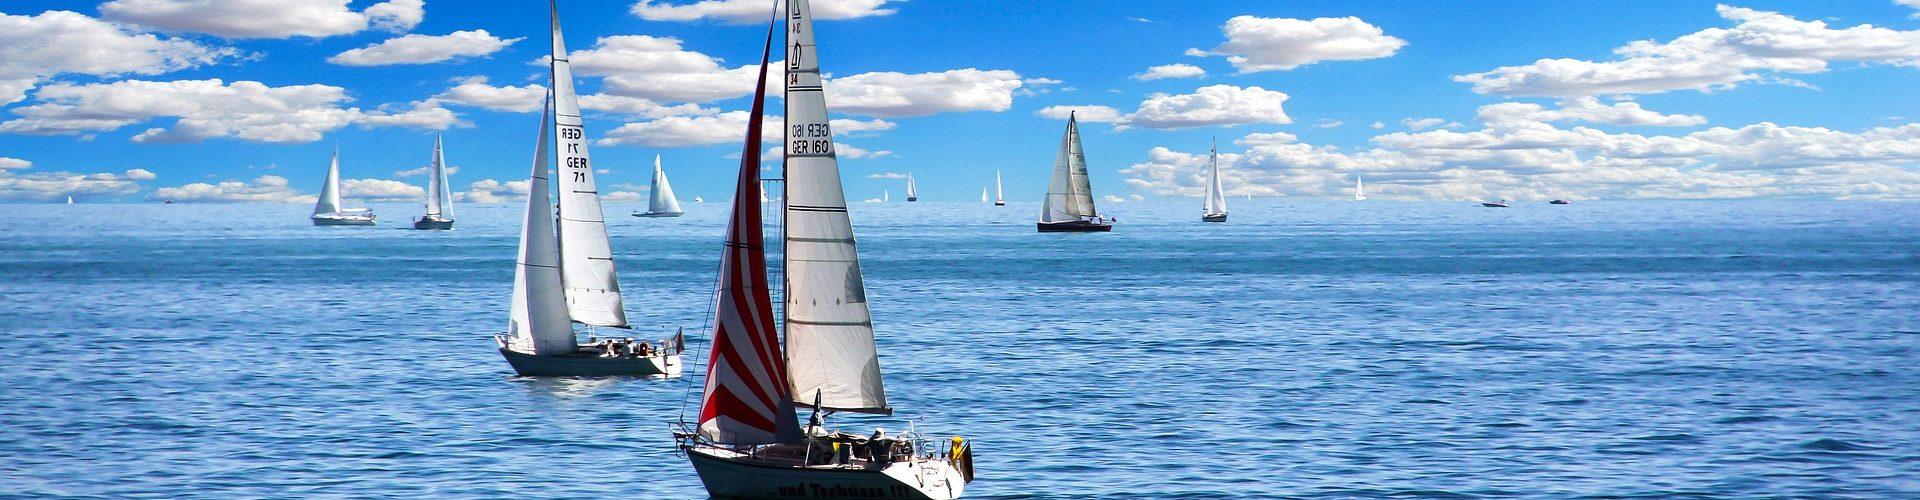 segeln lernen in Prieros segelschein machen in Prieros 1920x500 - Segeln lernen in Prieros